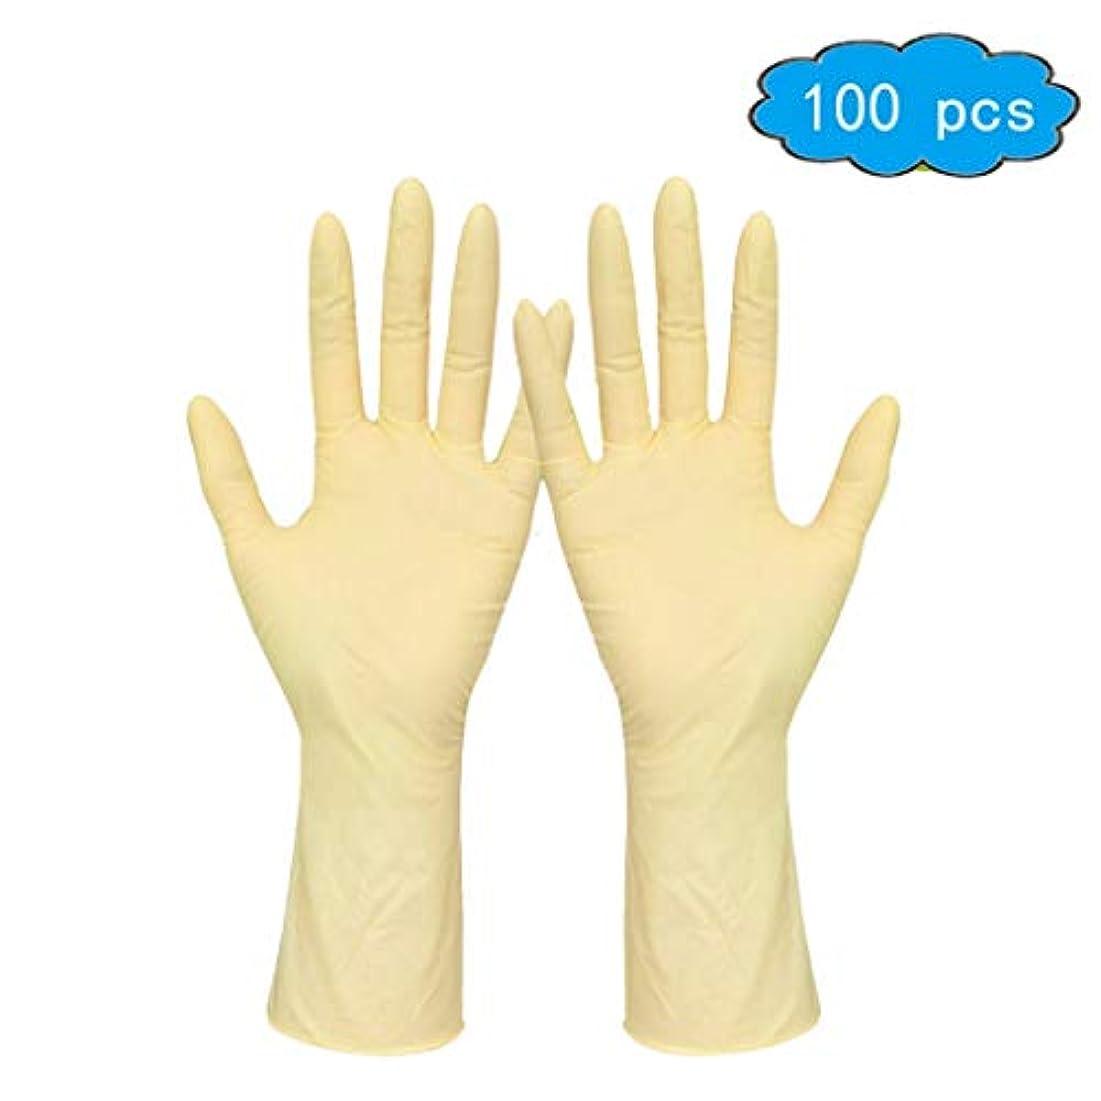 取り囲む並外れて意見ラテックスグローブパウダーフリー/使い捨て食品準備調理用グローブ/キッチンフードサービスクリーニンググローブ(大)100手袋、非滅菌使い捨て安全手袋 (Color : Beige, Size : S)